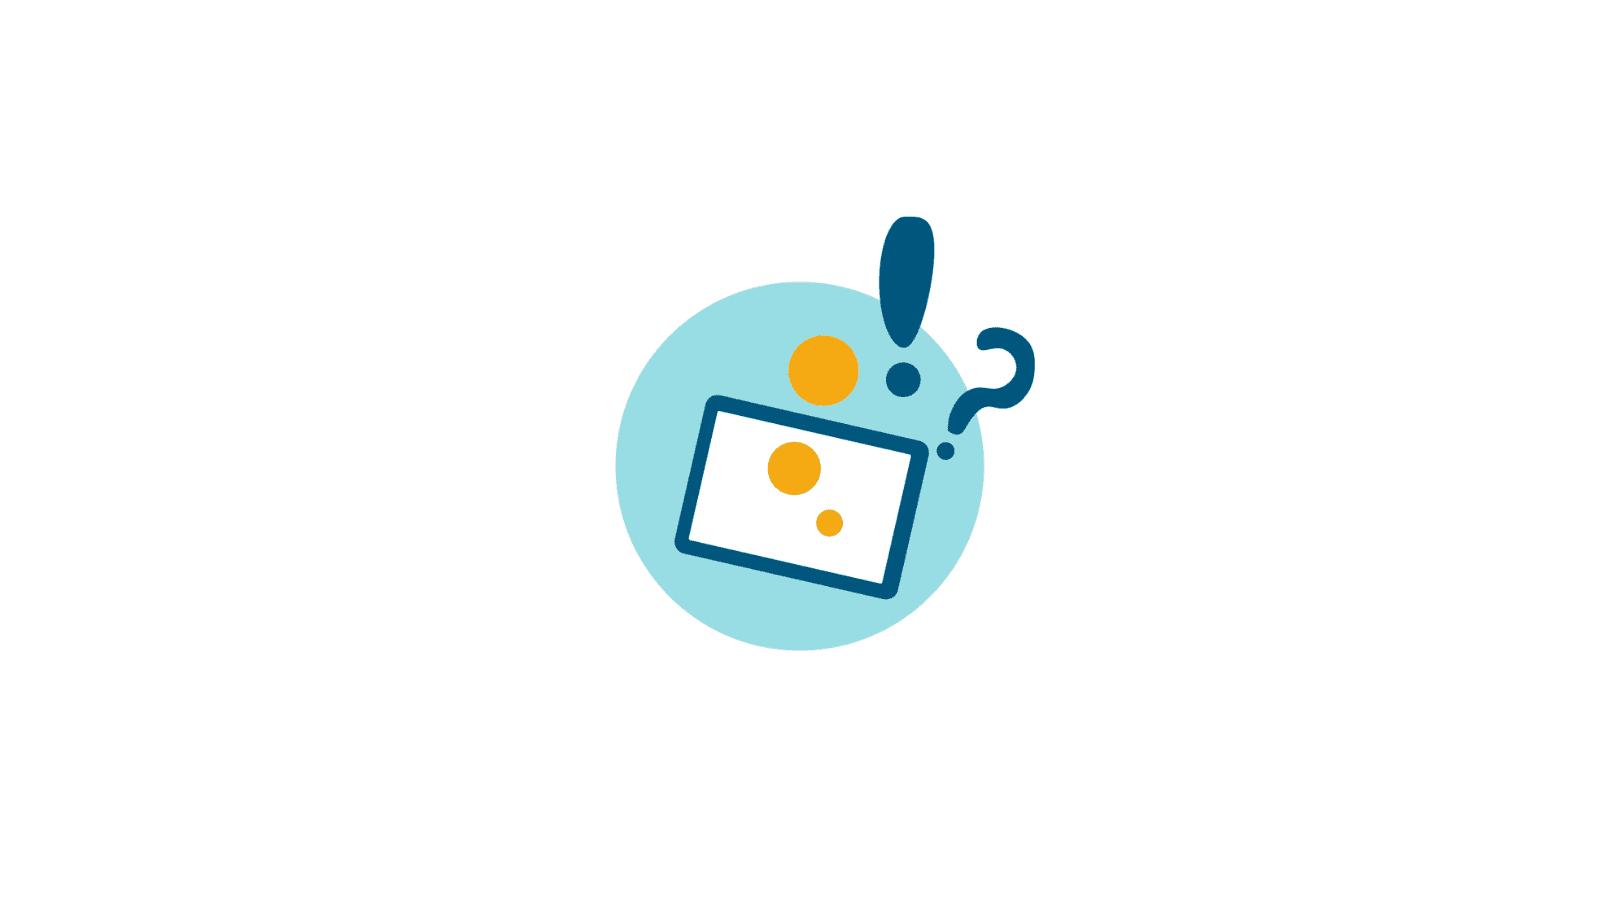 Kuvituskuva koulutuksista. Vaaleansinisen ympyrän keskellä neliskulmio, josta lähteee keltaisia palloja sekä sininen huutomerkki ja kysymysmerkki.